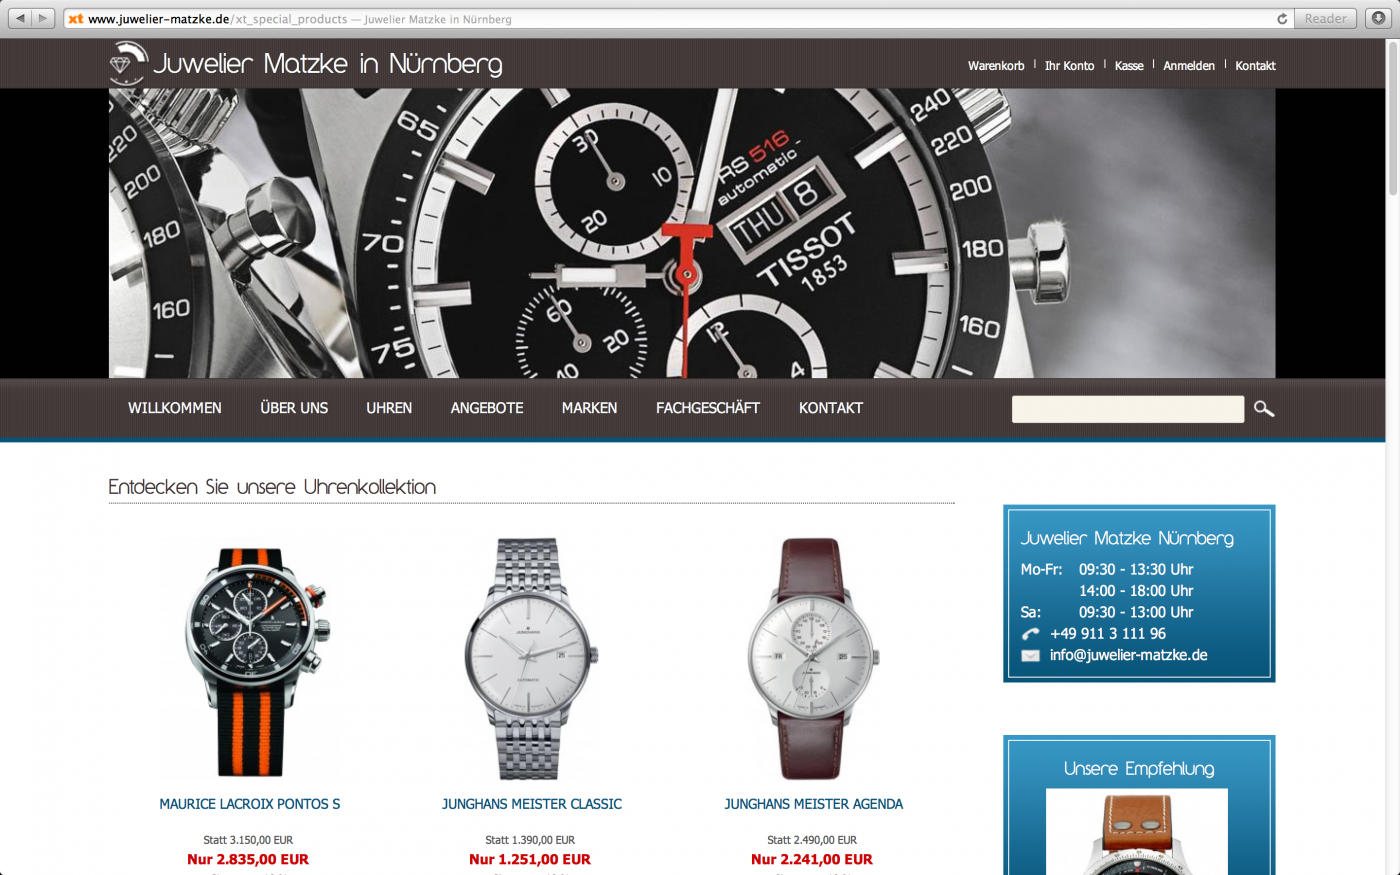 Juwelier online shop  Onlineshop erstellt für Juwelier Matzke in Nürnberg •